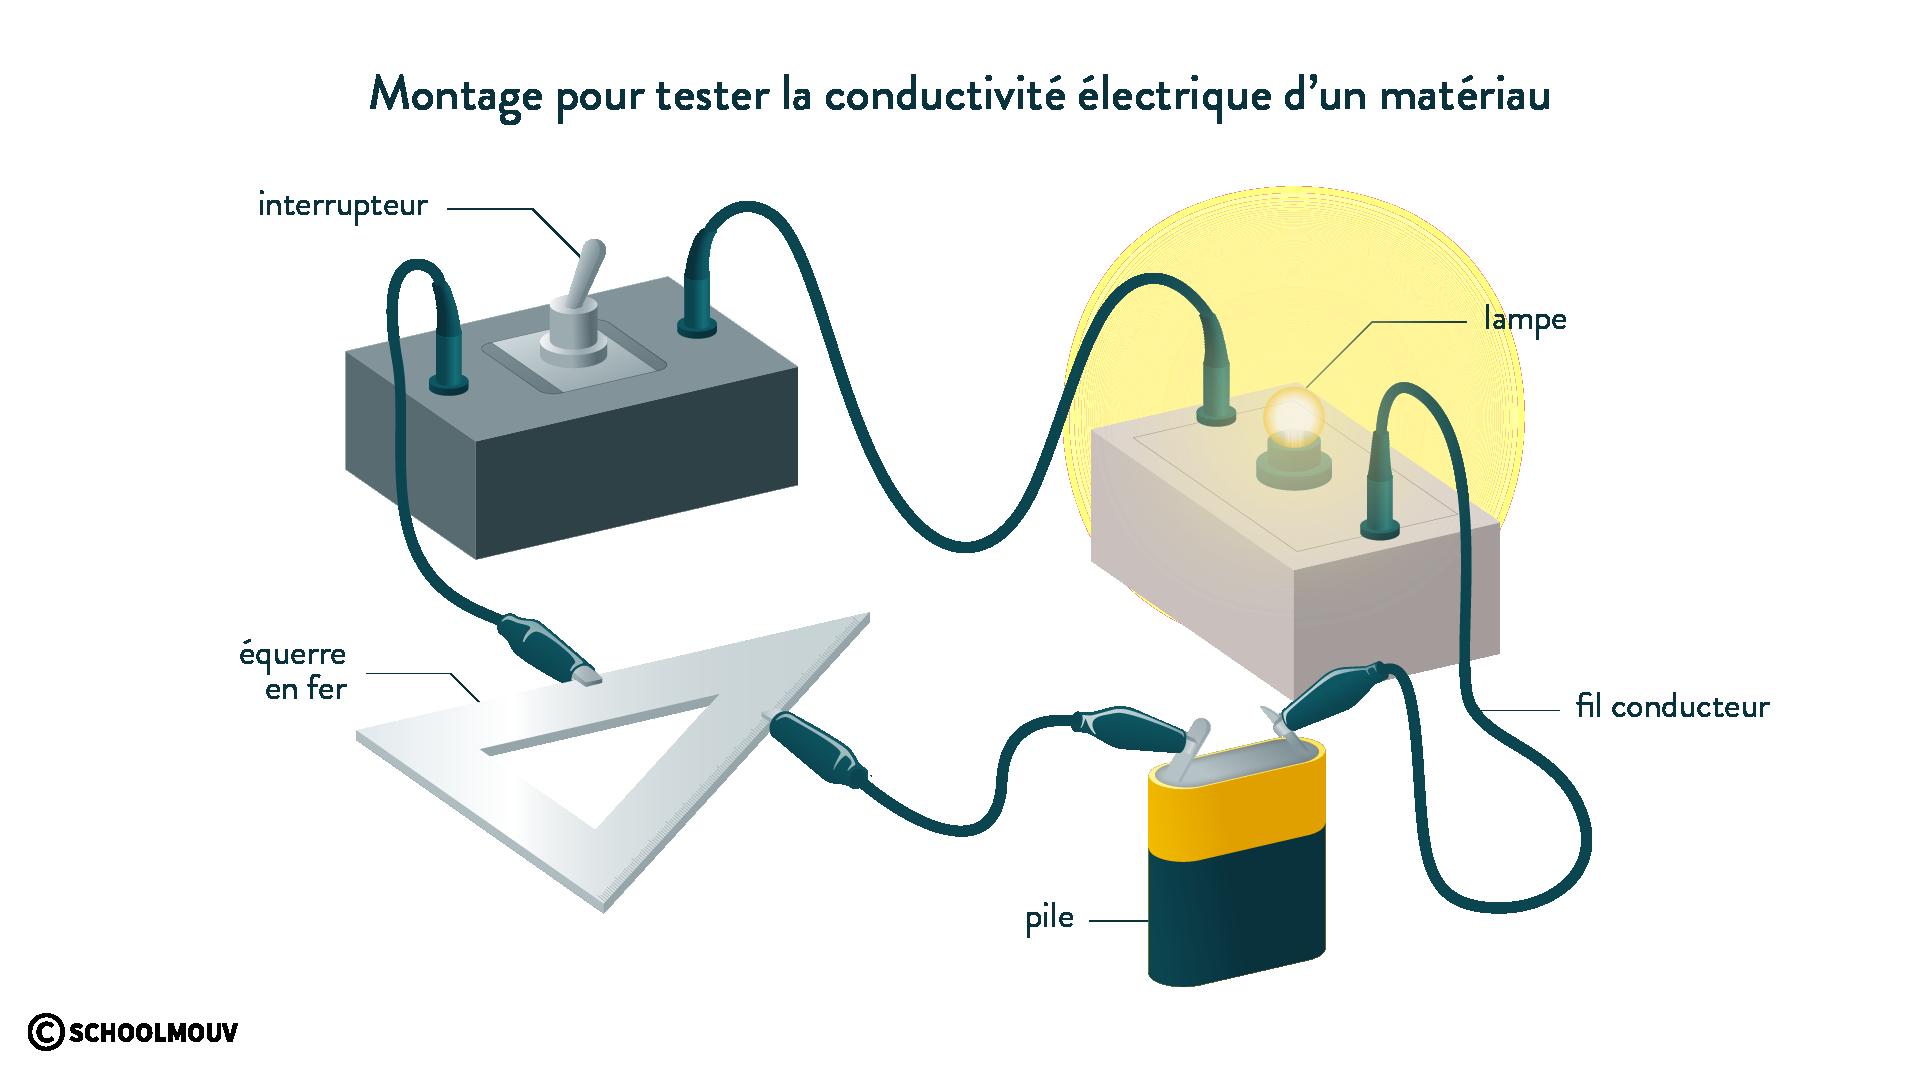 Montage pour tester la conductivité électrique d'un matériau-physique-chimie-6eme-schoolmouv